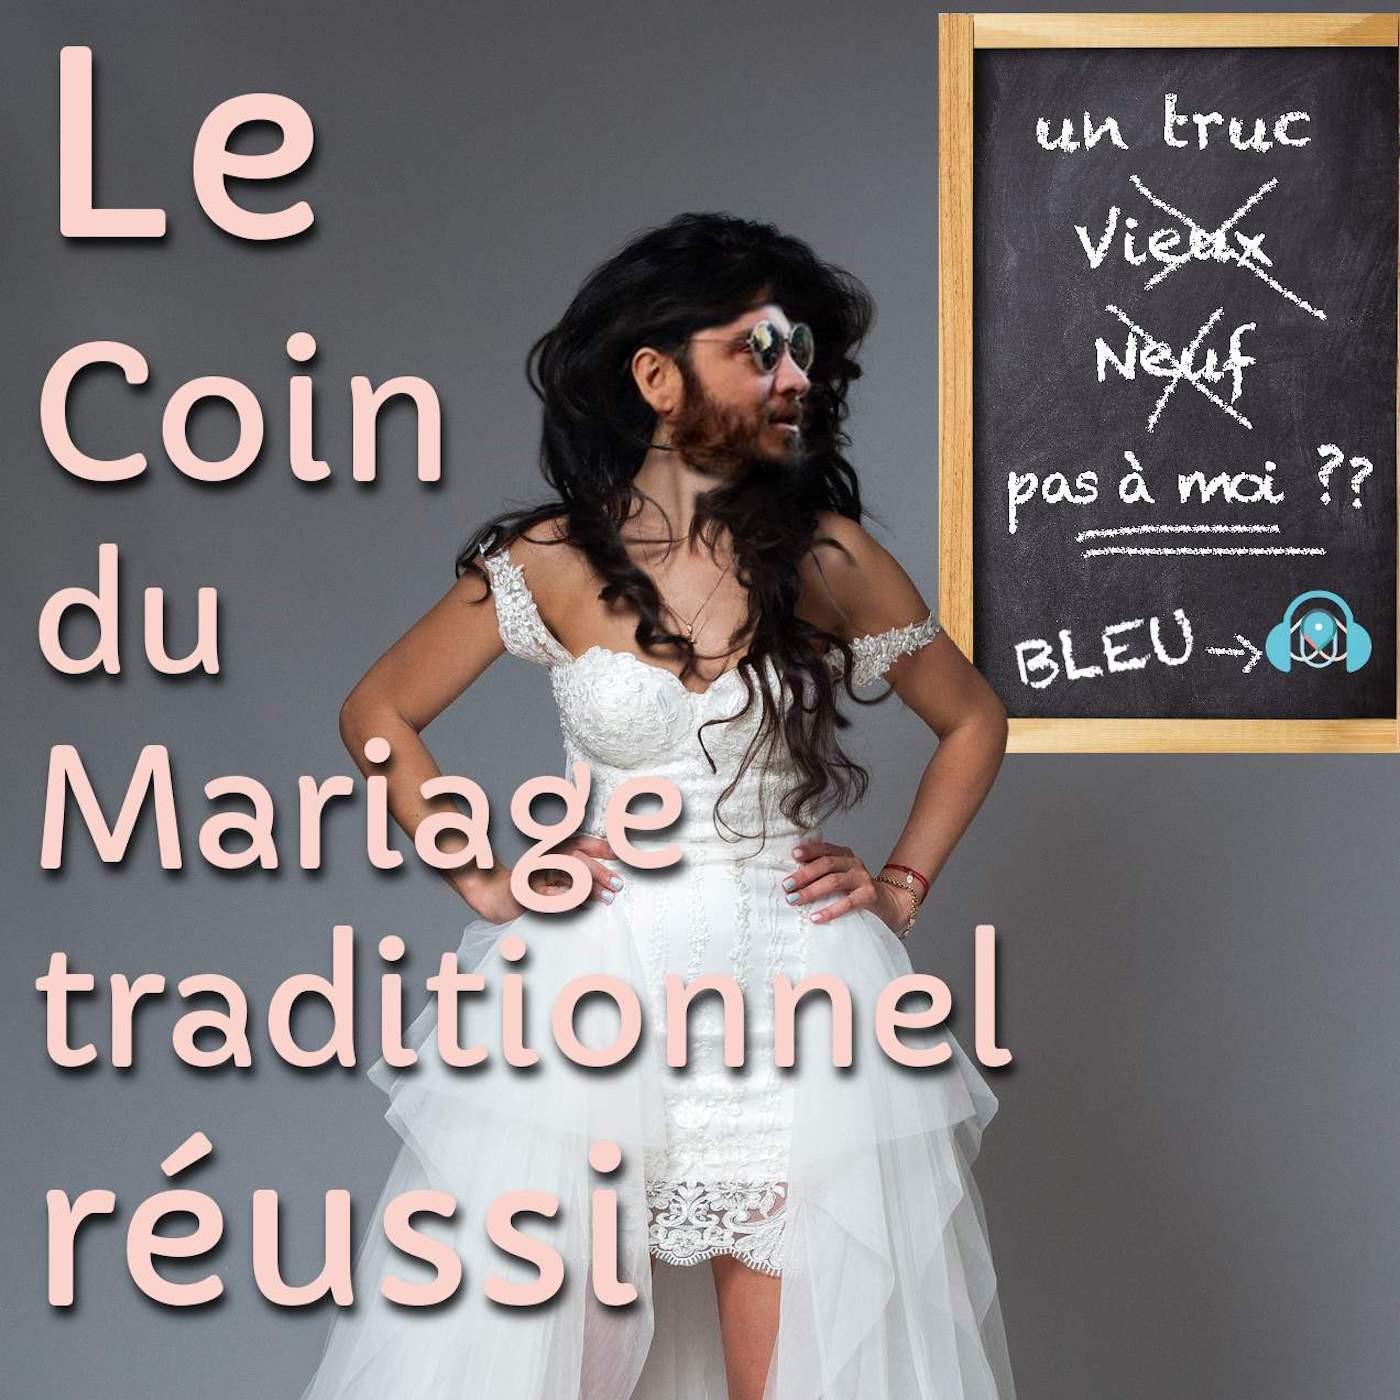 LE COIN DU MARIAGE TRADITIONNEL RÉUSSI S1E11